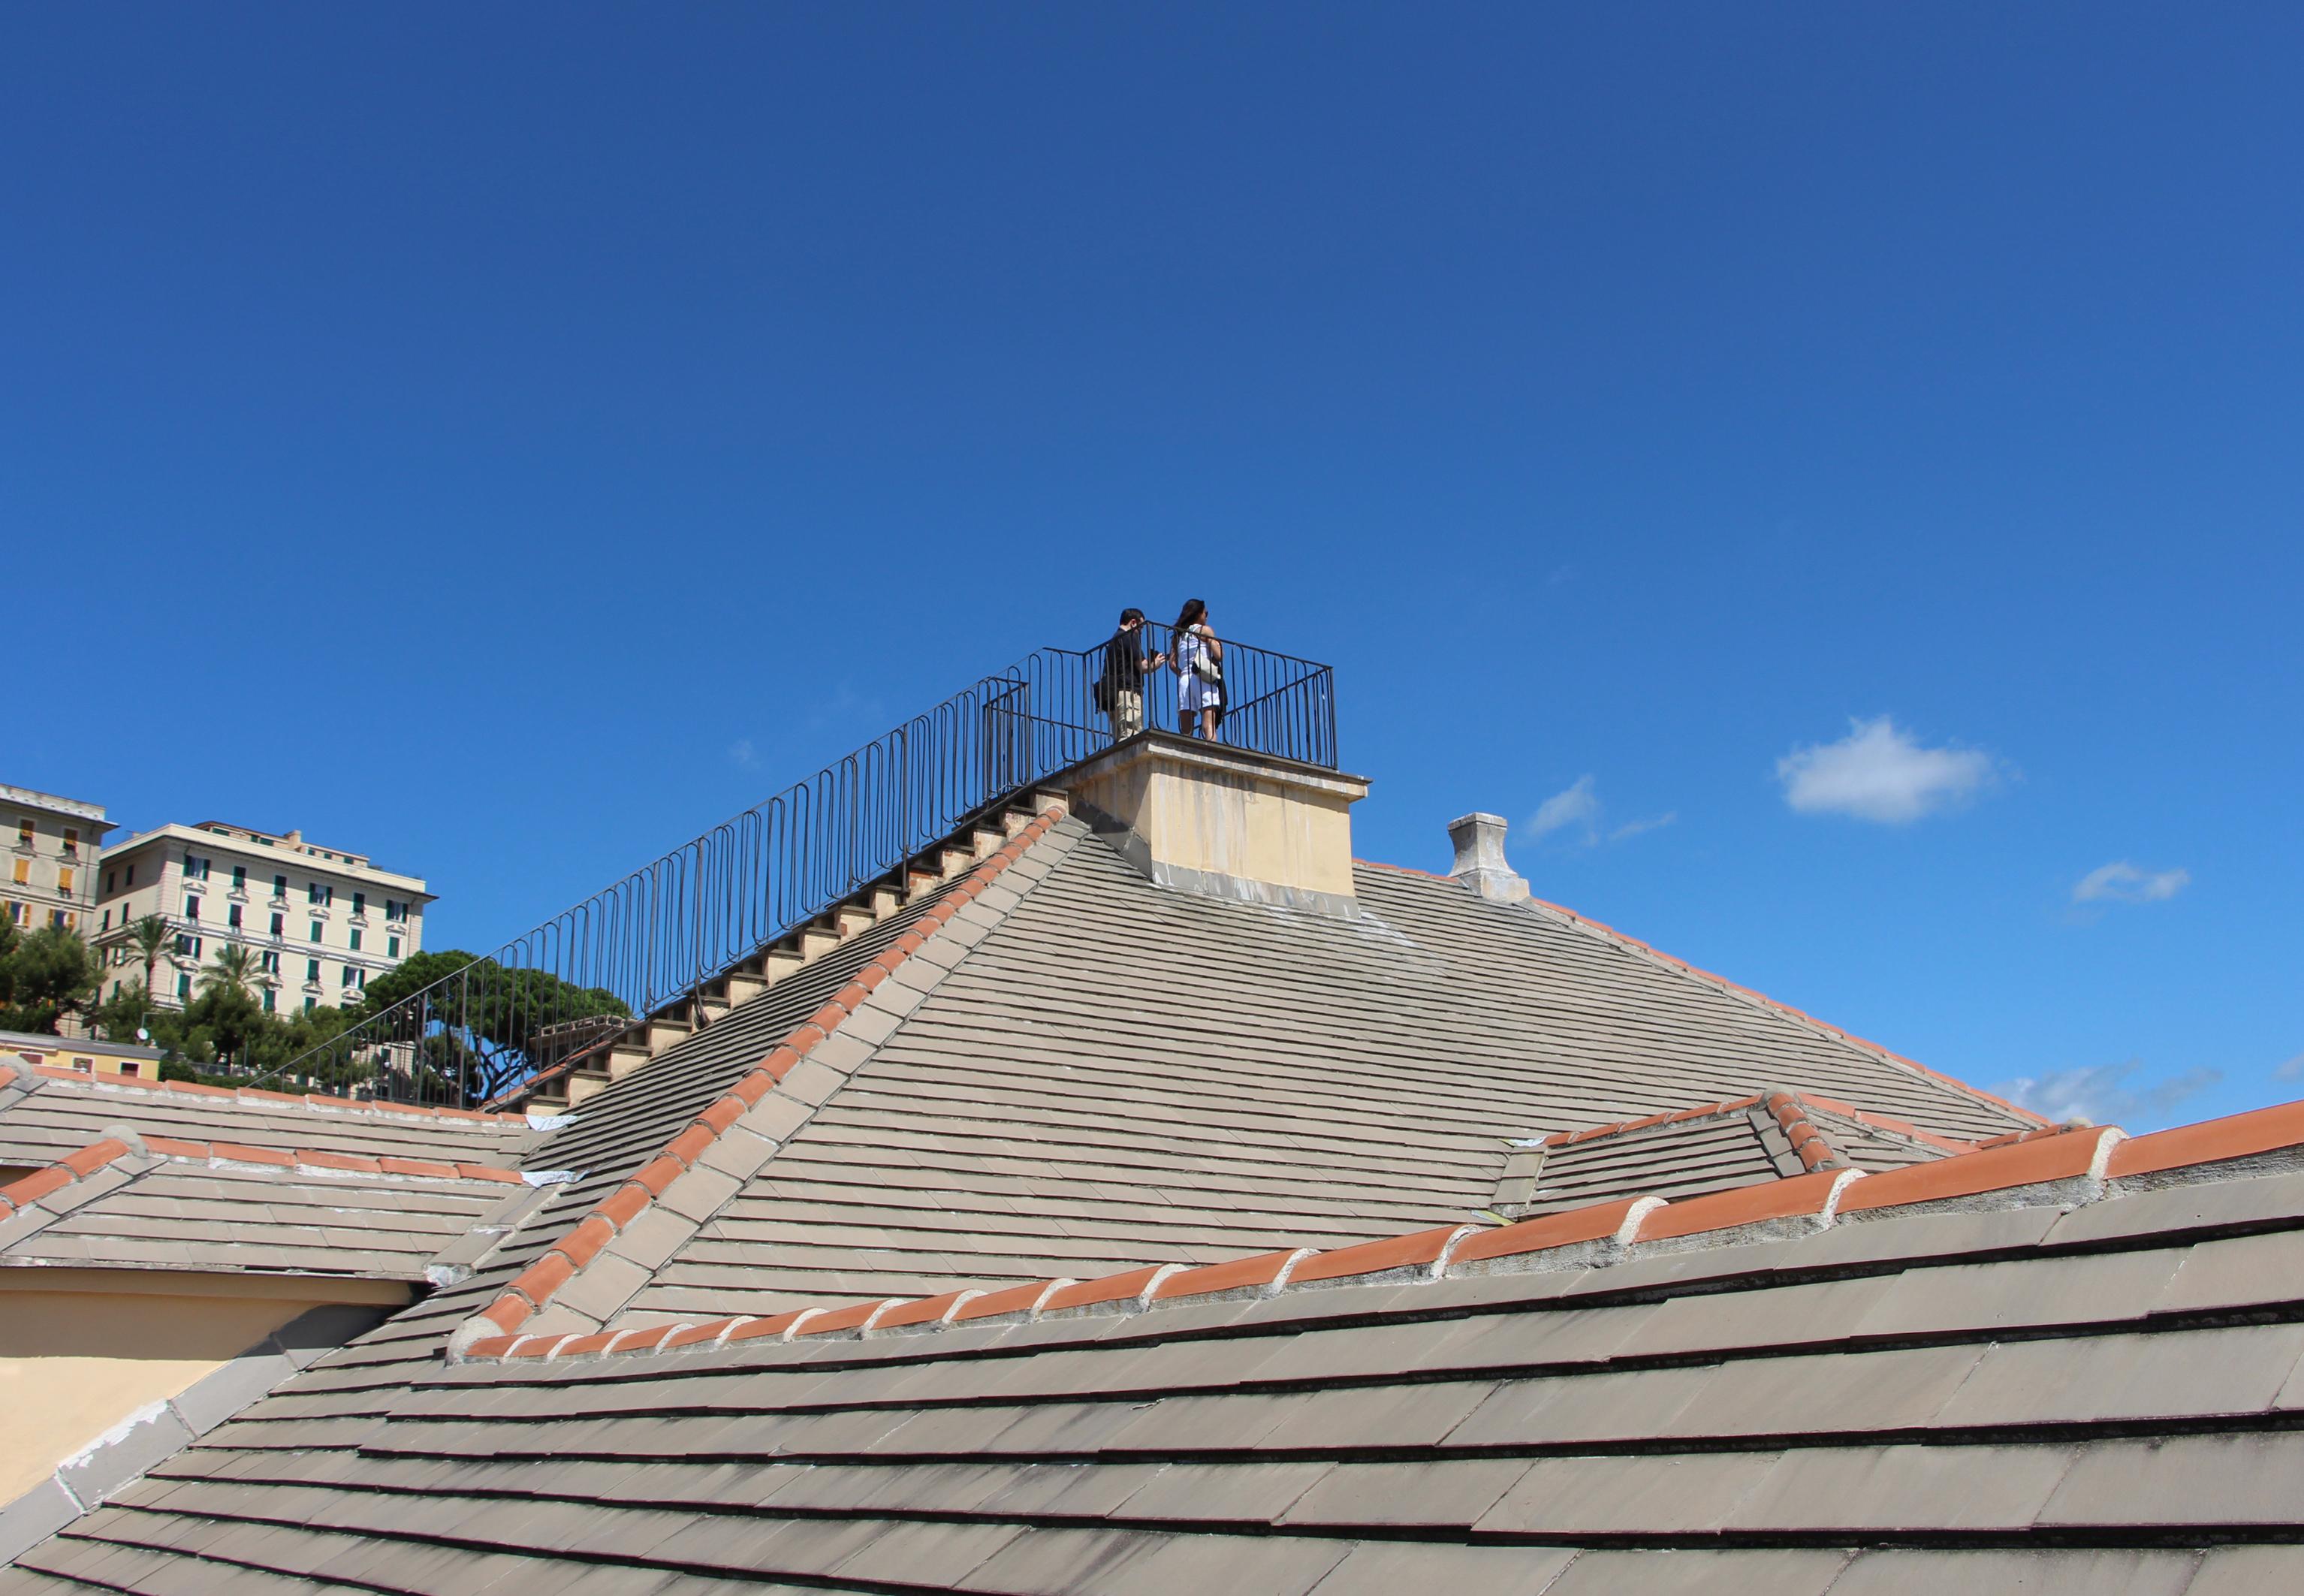 File:Terrazza di palazzo rosso, genova, 01.JPG - Wikimedia Commons